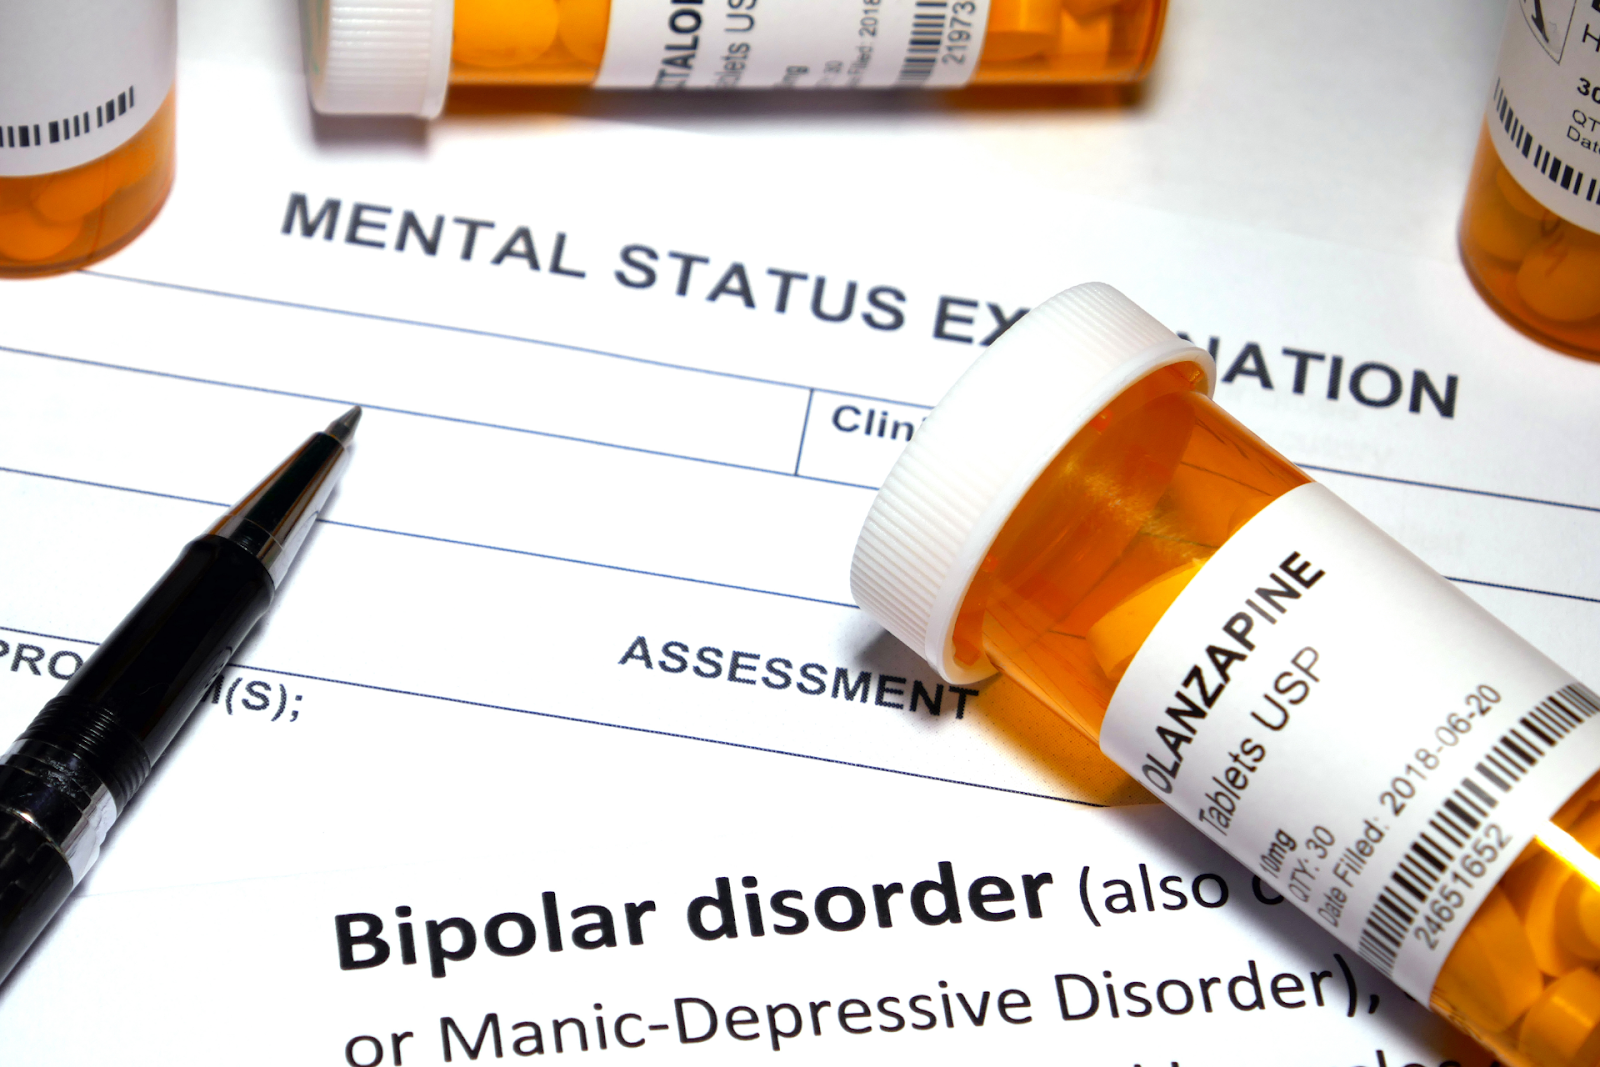 bipolar disorder medication